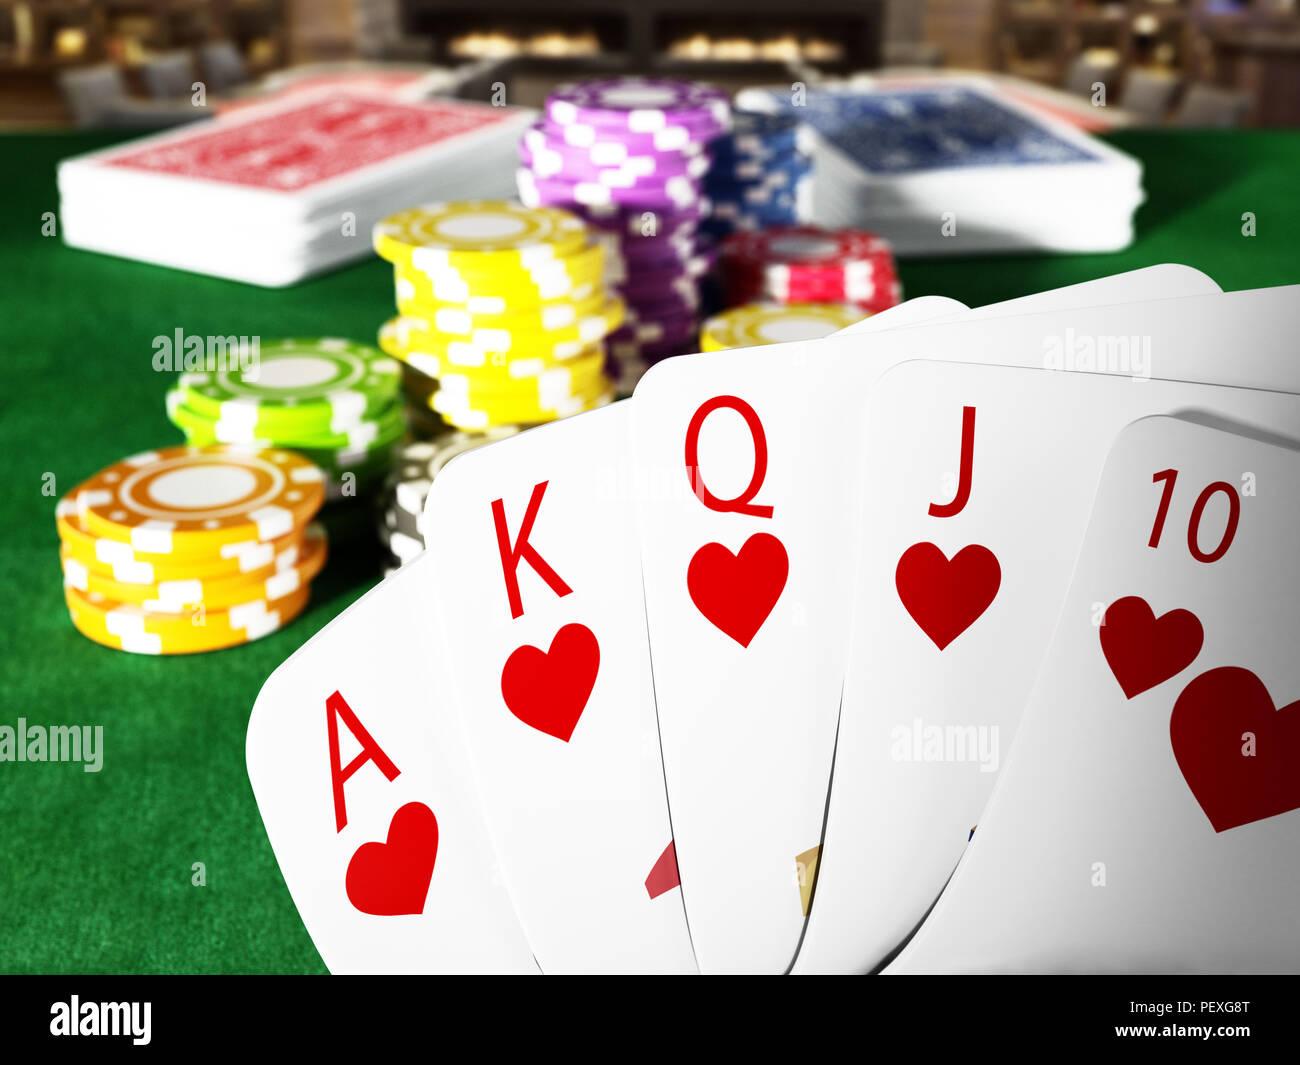 Escalera real la mano de poker y casino manos de pie sobre la mesa de póquer. Ilustración 3D. Imagen De Stock